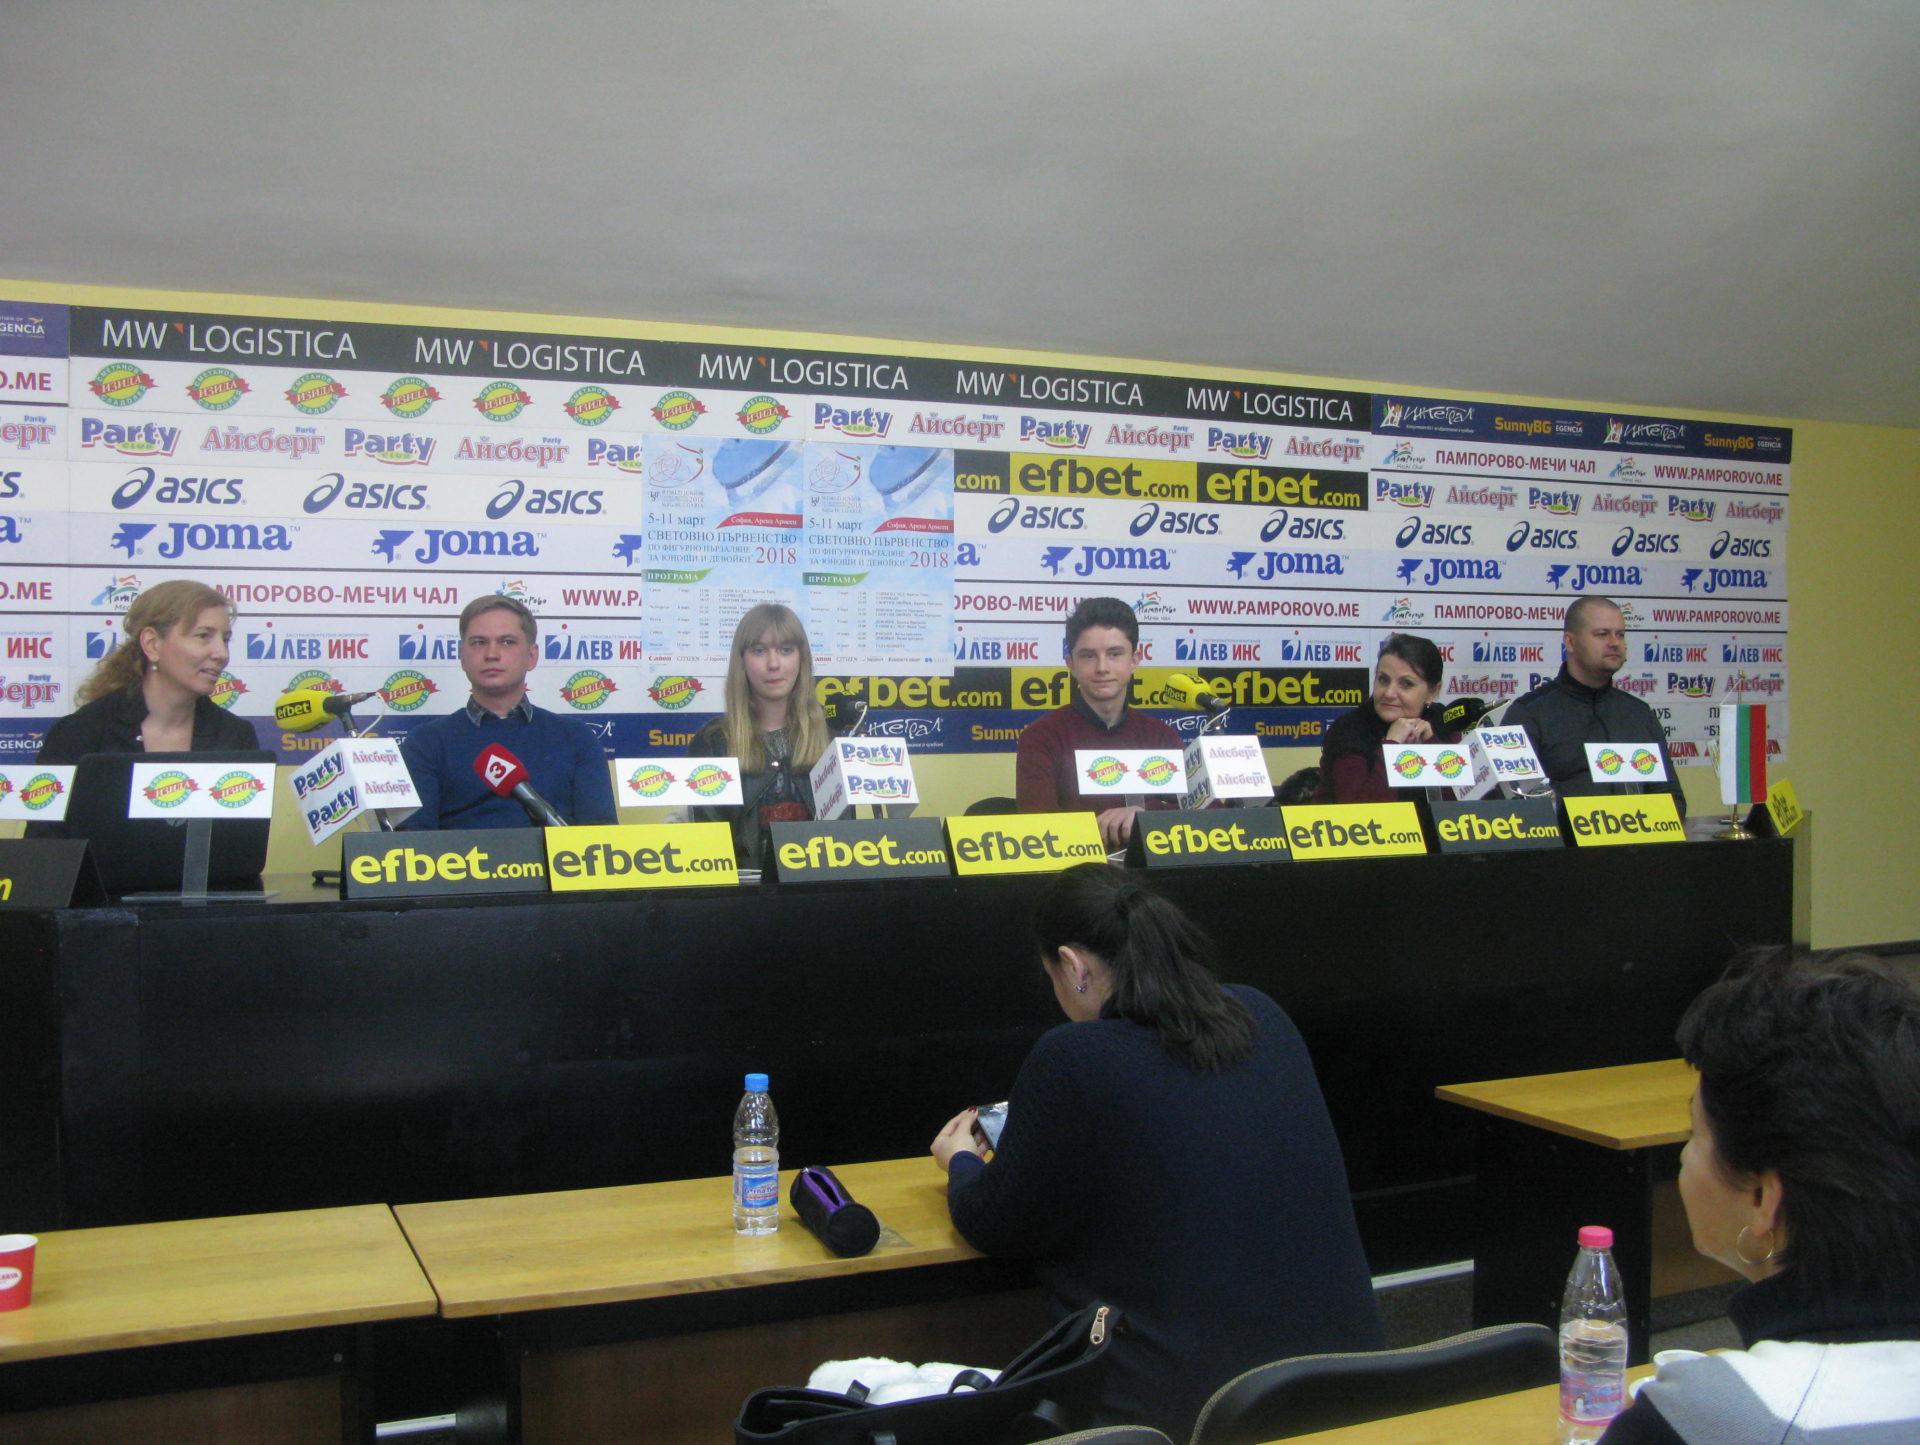 186 състезатели от 45 държави ще участват в Световното първенсто  по фигурно пързаляне за юноши и девойки в София